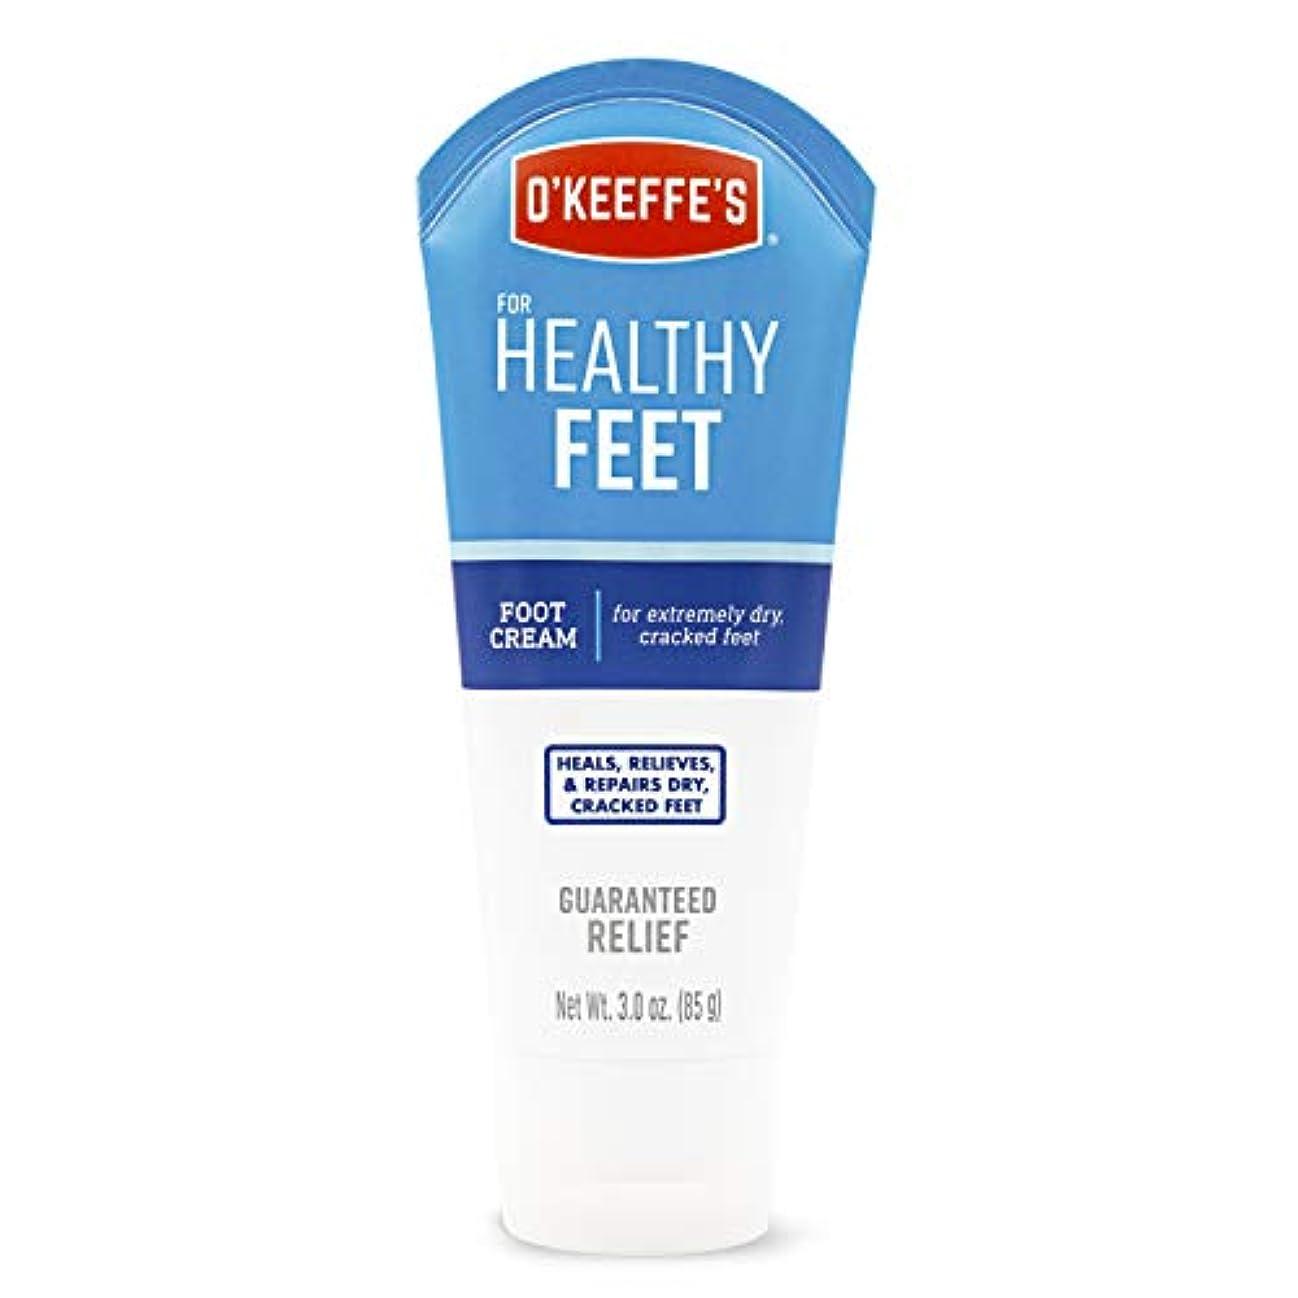 ビートアパート長さオキーフス ワーキングフィートクリーム チューブ  85g 1点 (並行輸入品) O'Keeffe's Working Feet Tube Cream 3oz